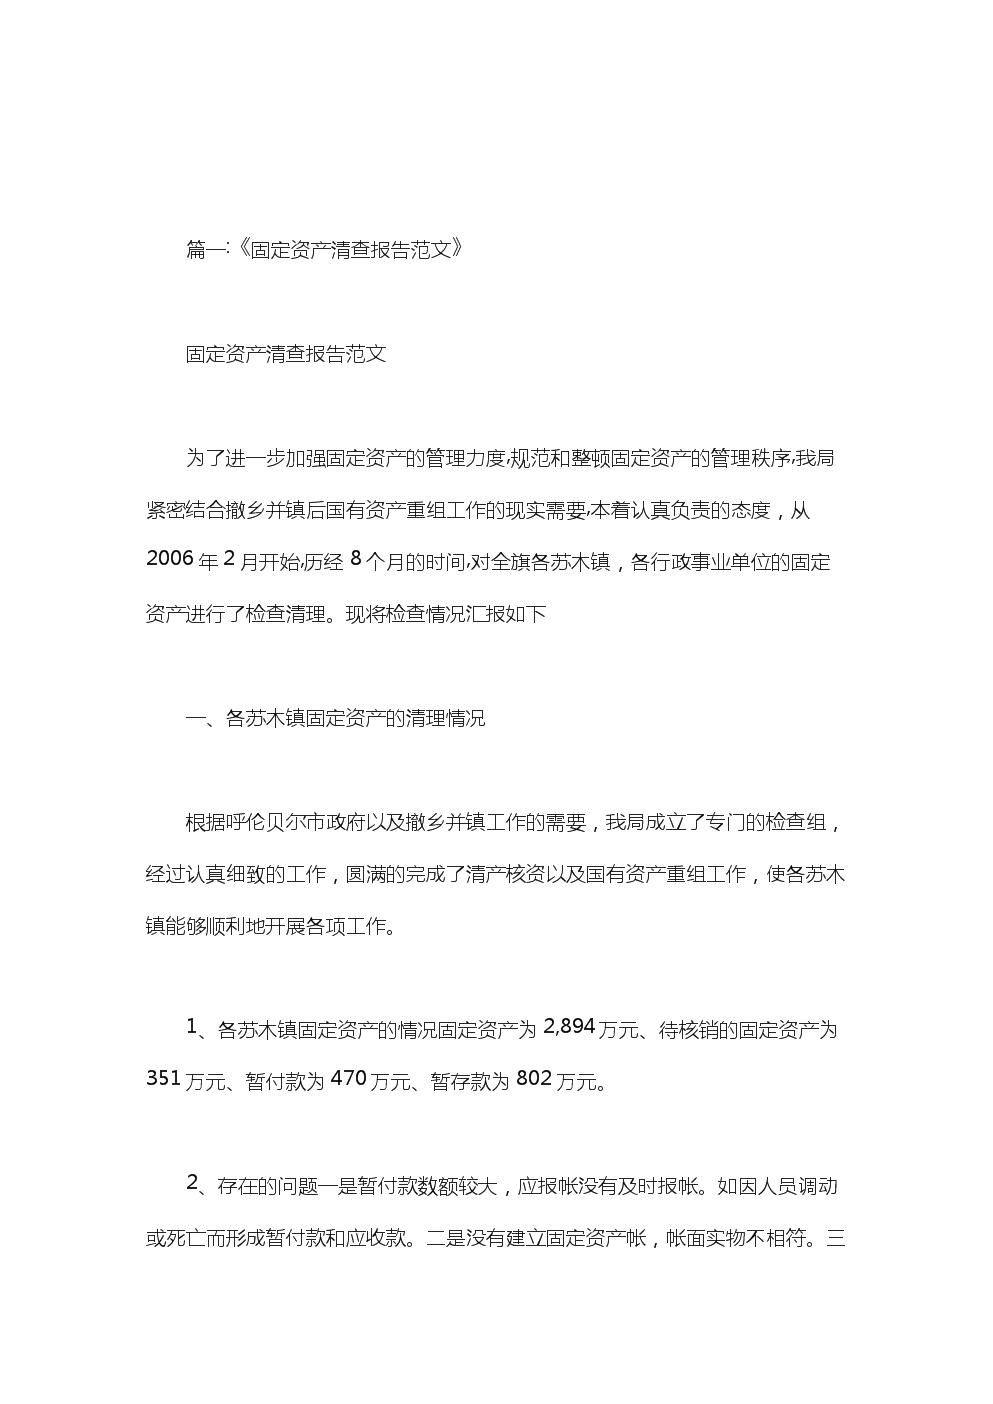 單位固定資產清查報告范文.doc